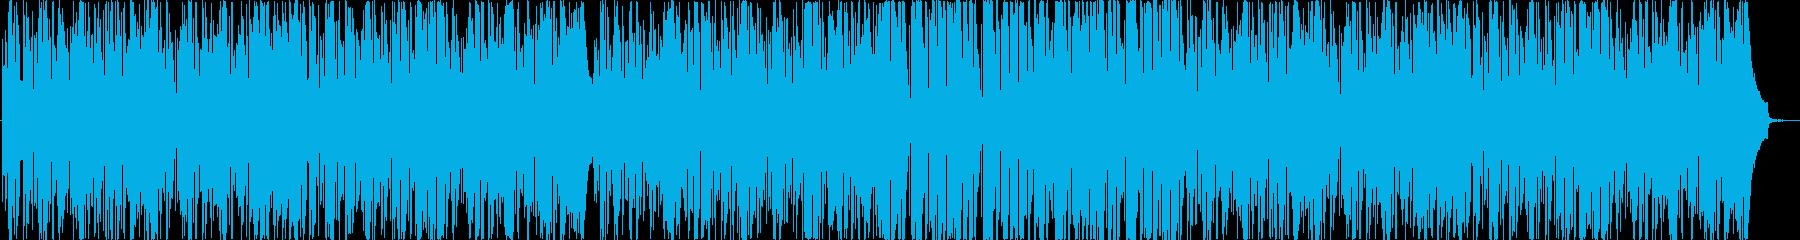 クールな疾走系ピアノテクノの再生済みの波形